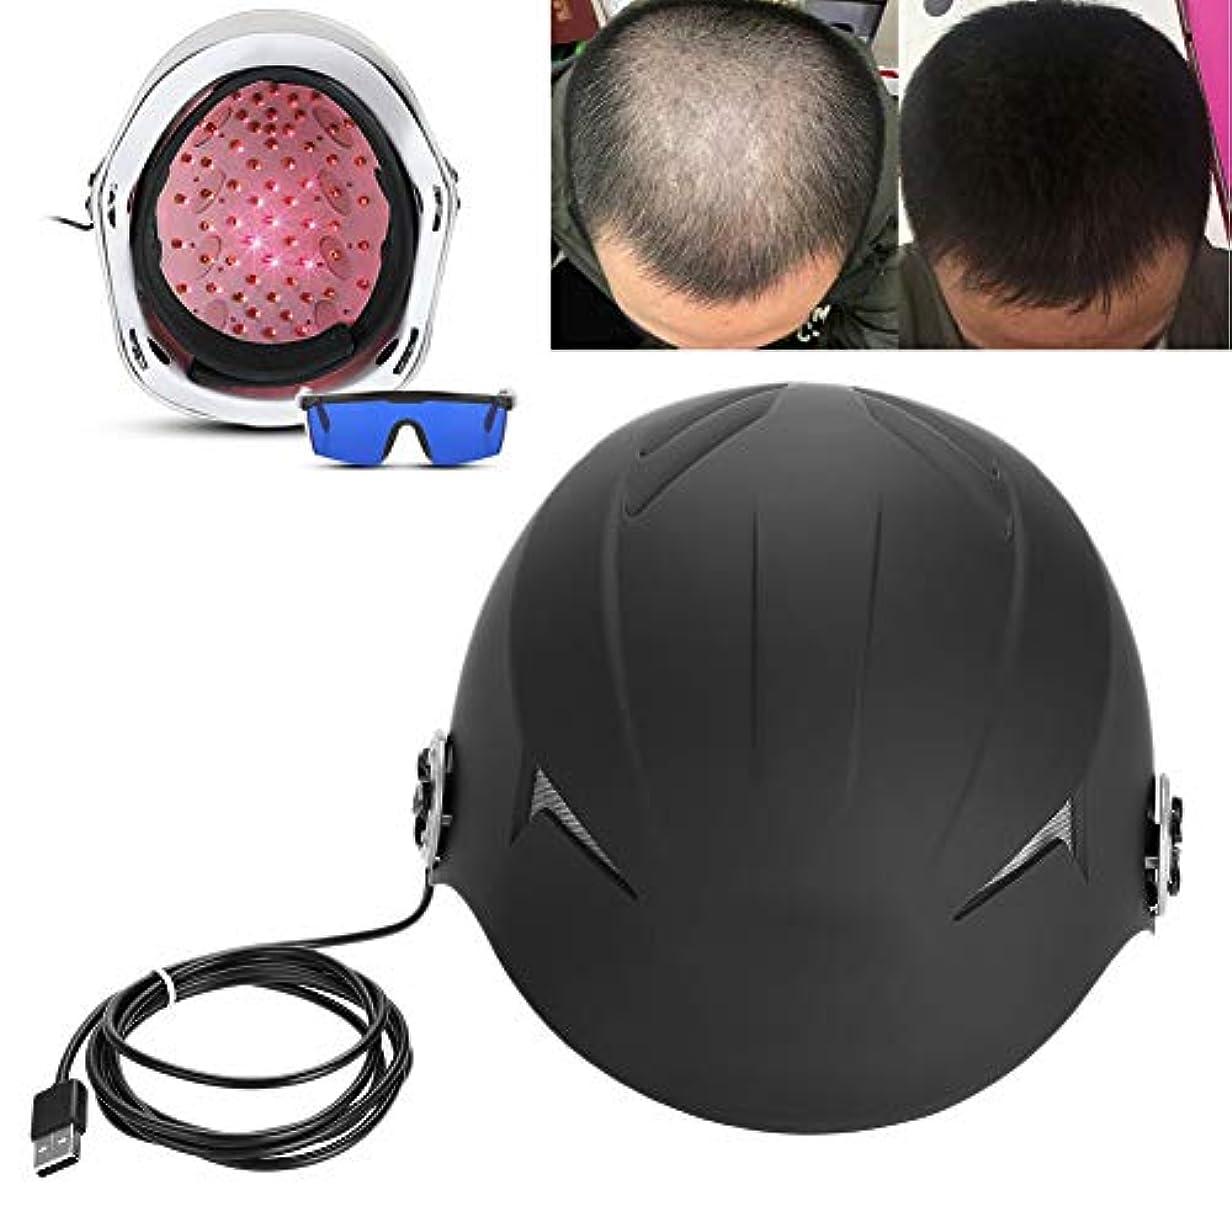 時代遅れフローティングセッティングヘアーレーザー育毛ヘルメット 68ダイオード育毛ヘルメット、速い成長治療のための赤外線育毛帽子そして抜け毛の問題を解決